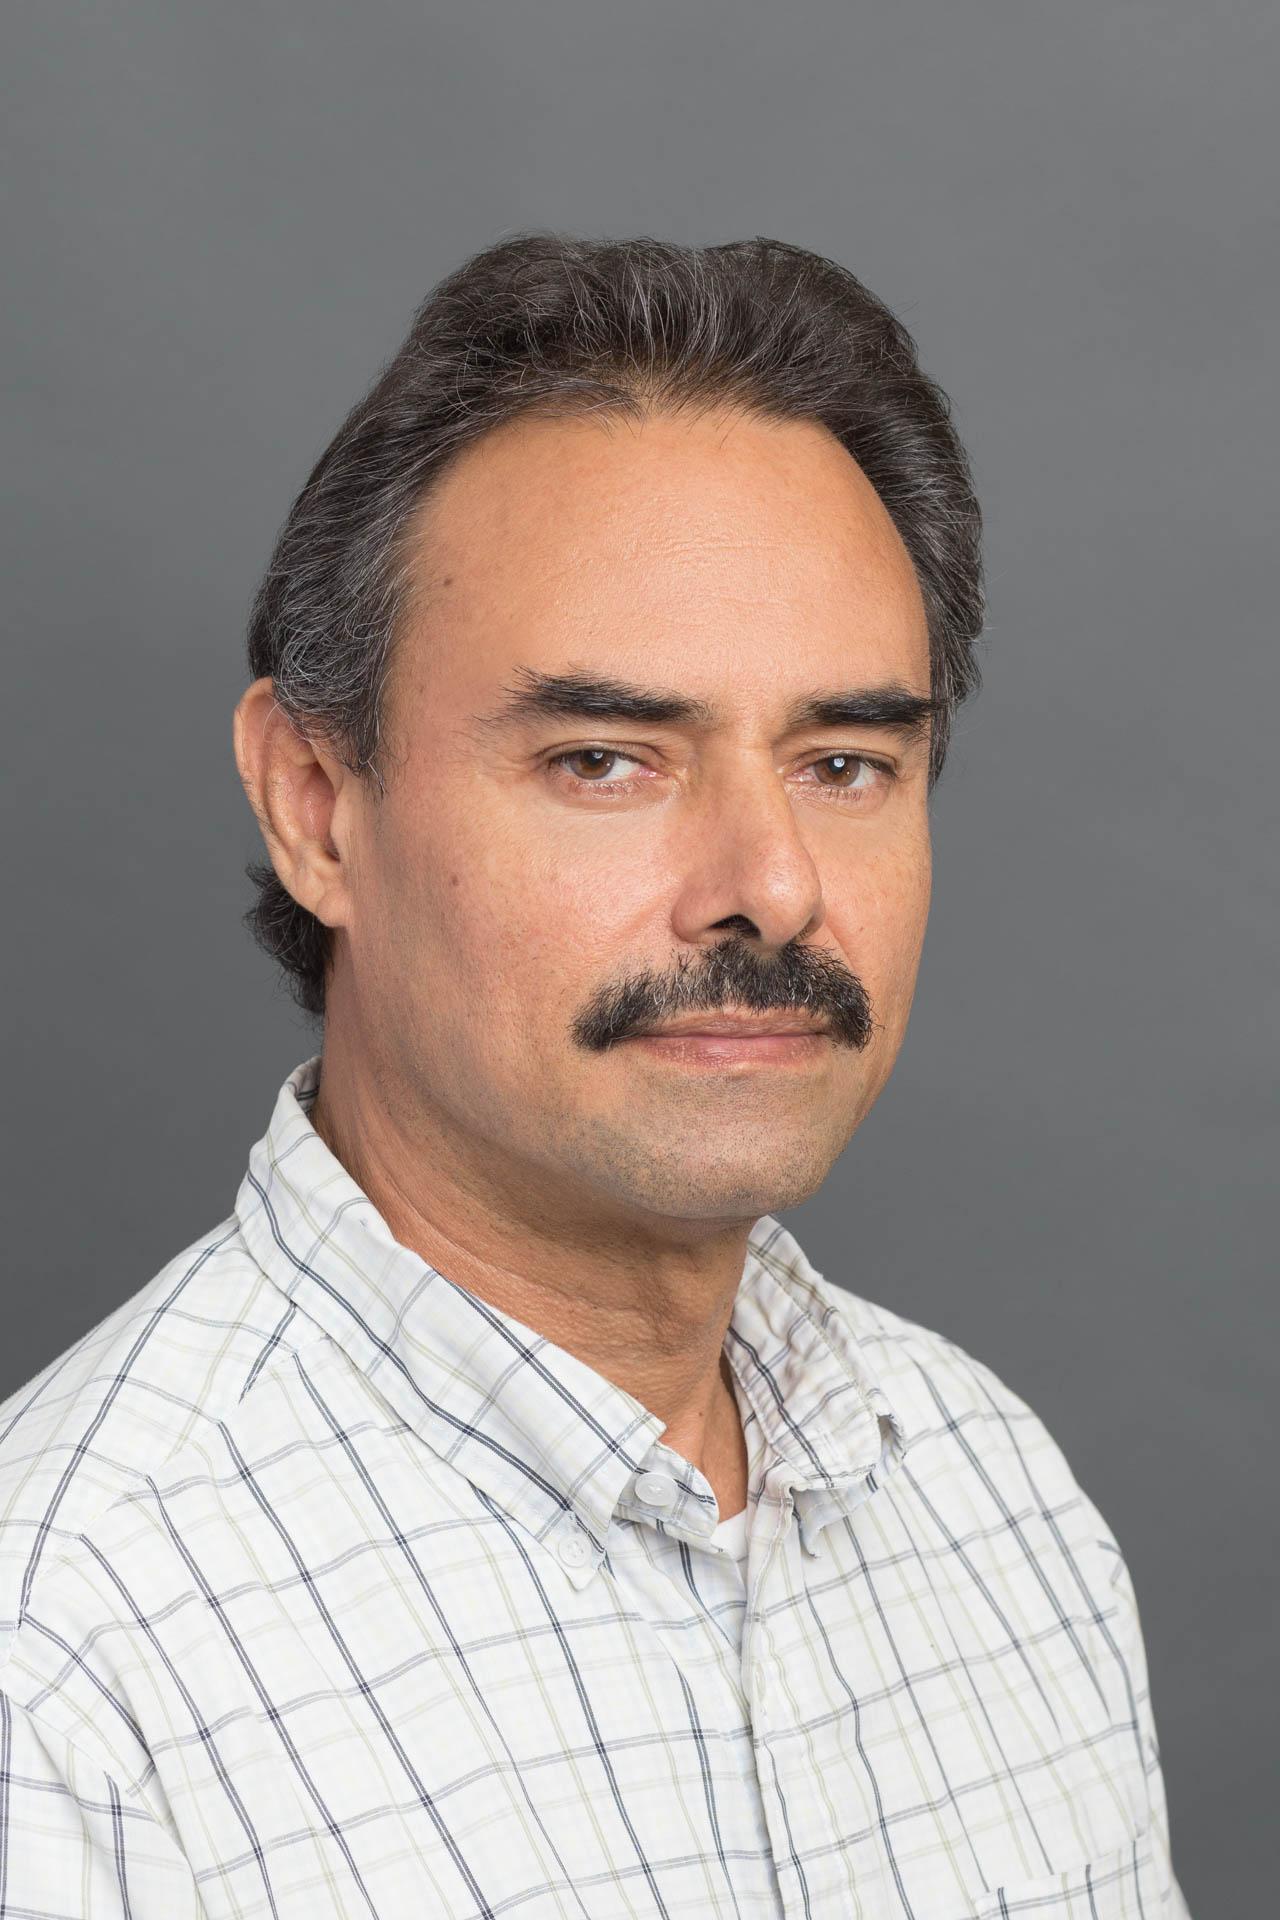 Rafael Pretto